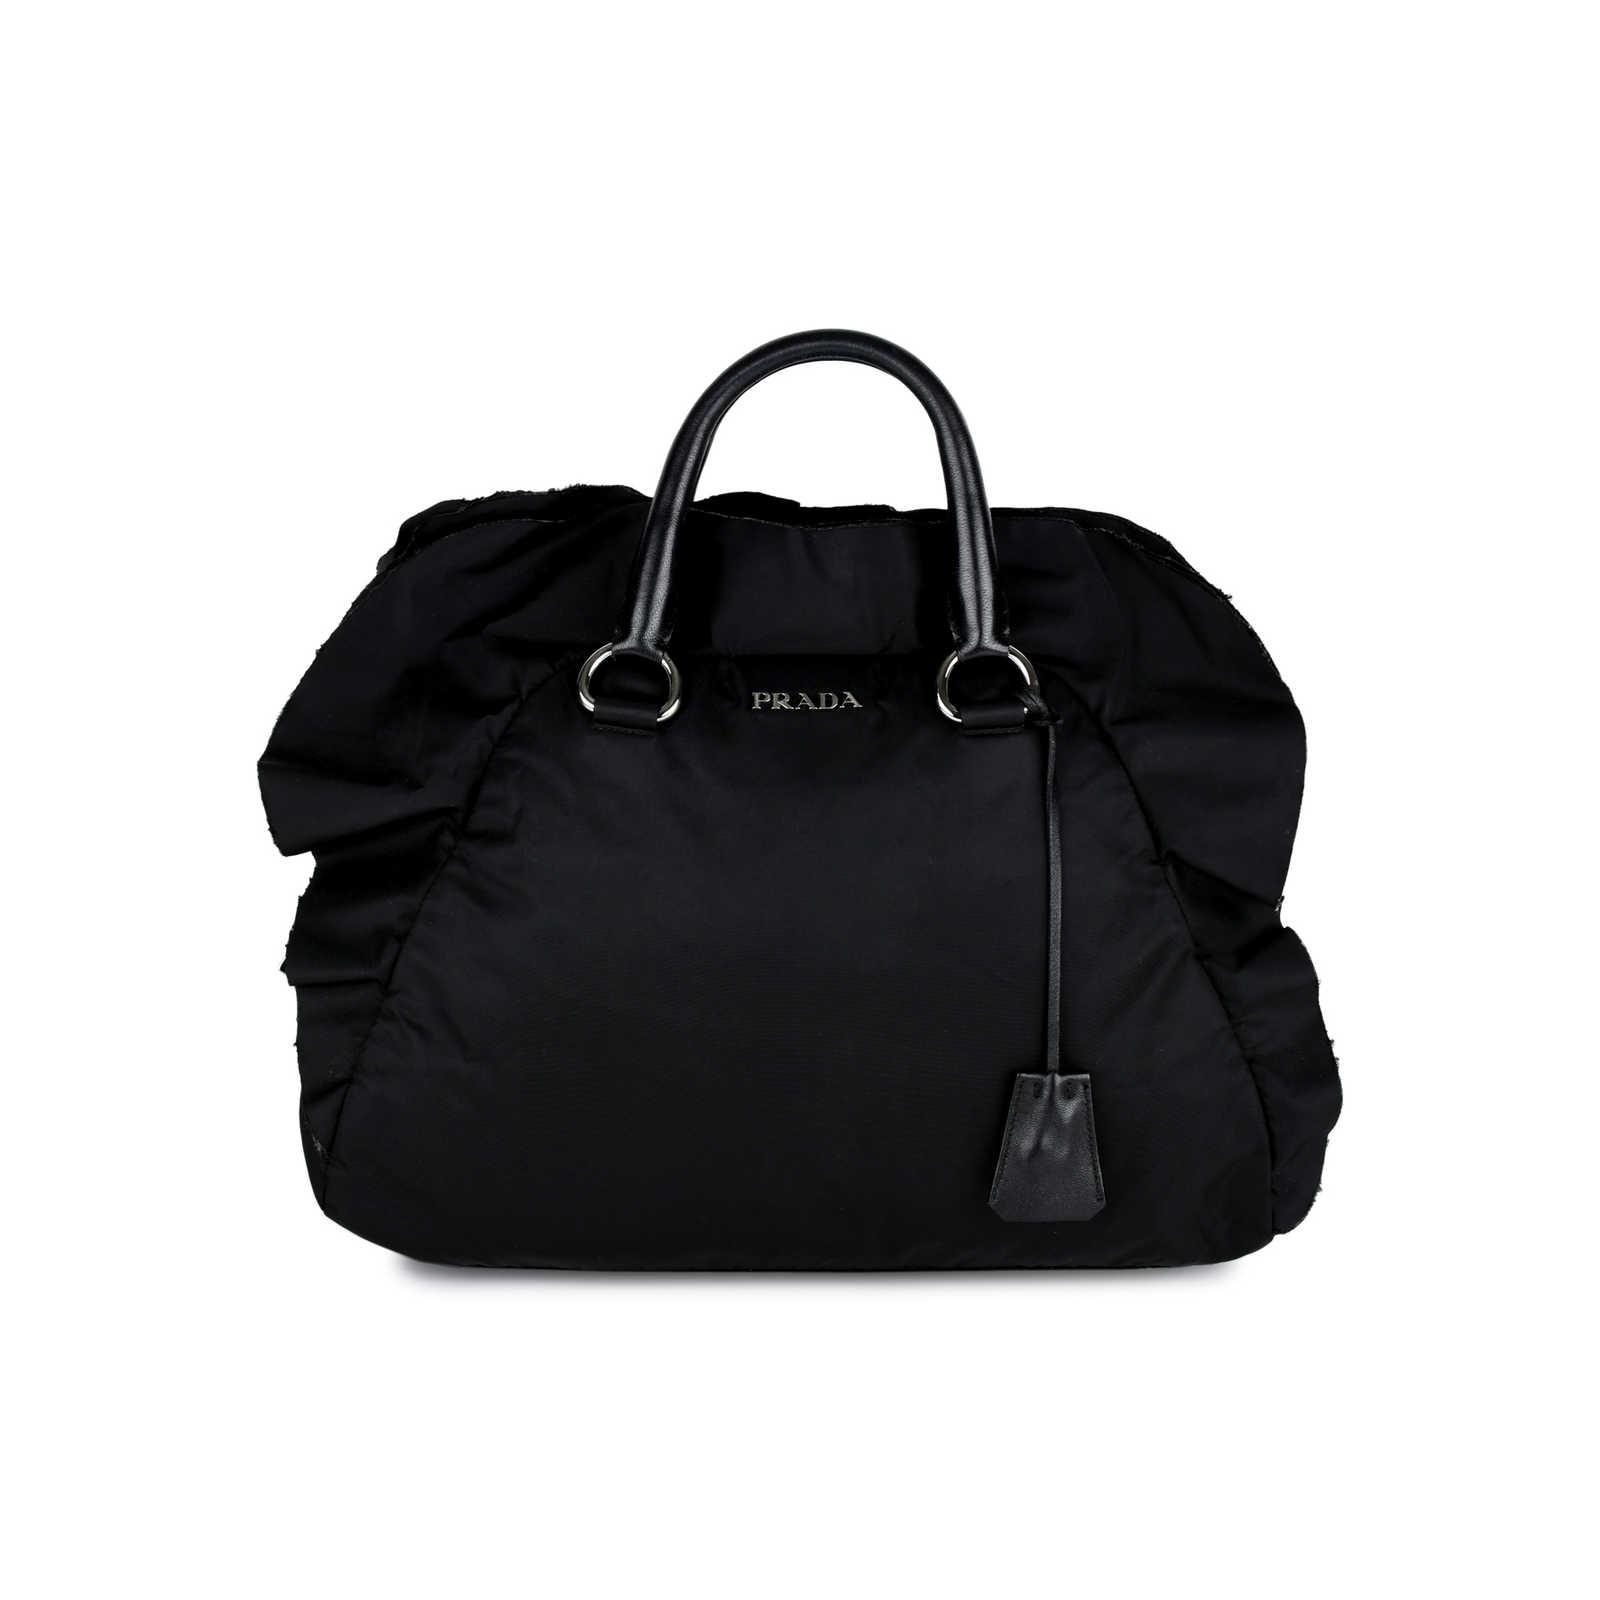 0392b4b613d0 cheap prada tessuto nylon nappa shoulder bag nero black 80348 0aa44 bfb52;  free shipping prada tessuto nylon ruffle bag thumbnail 0 0873c ef820